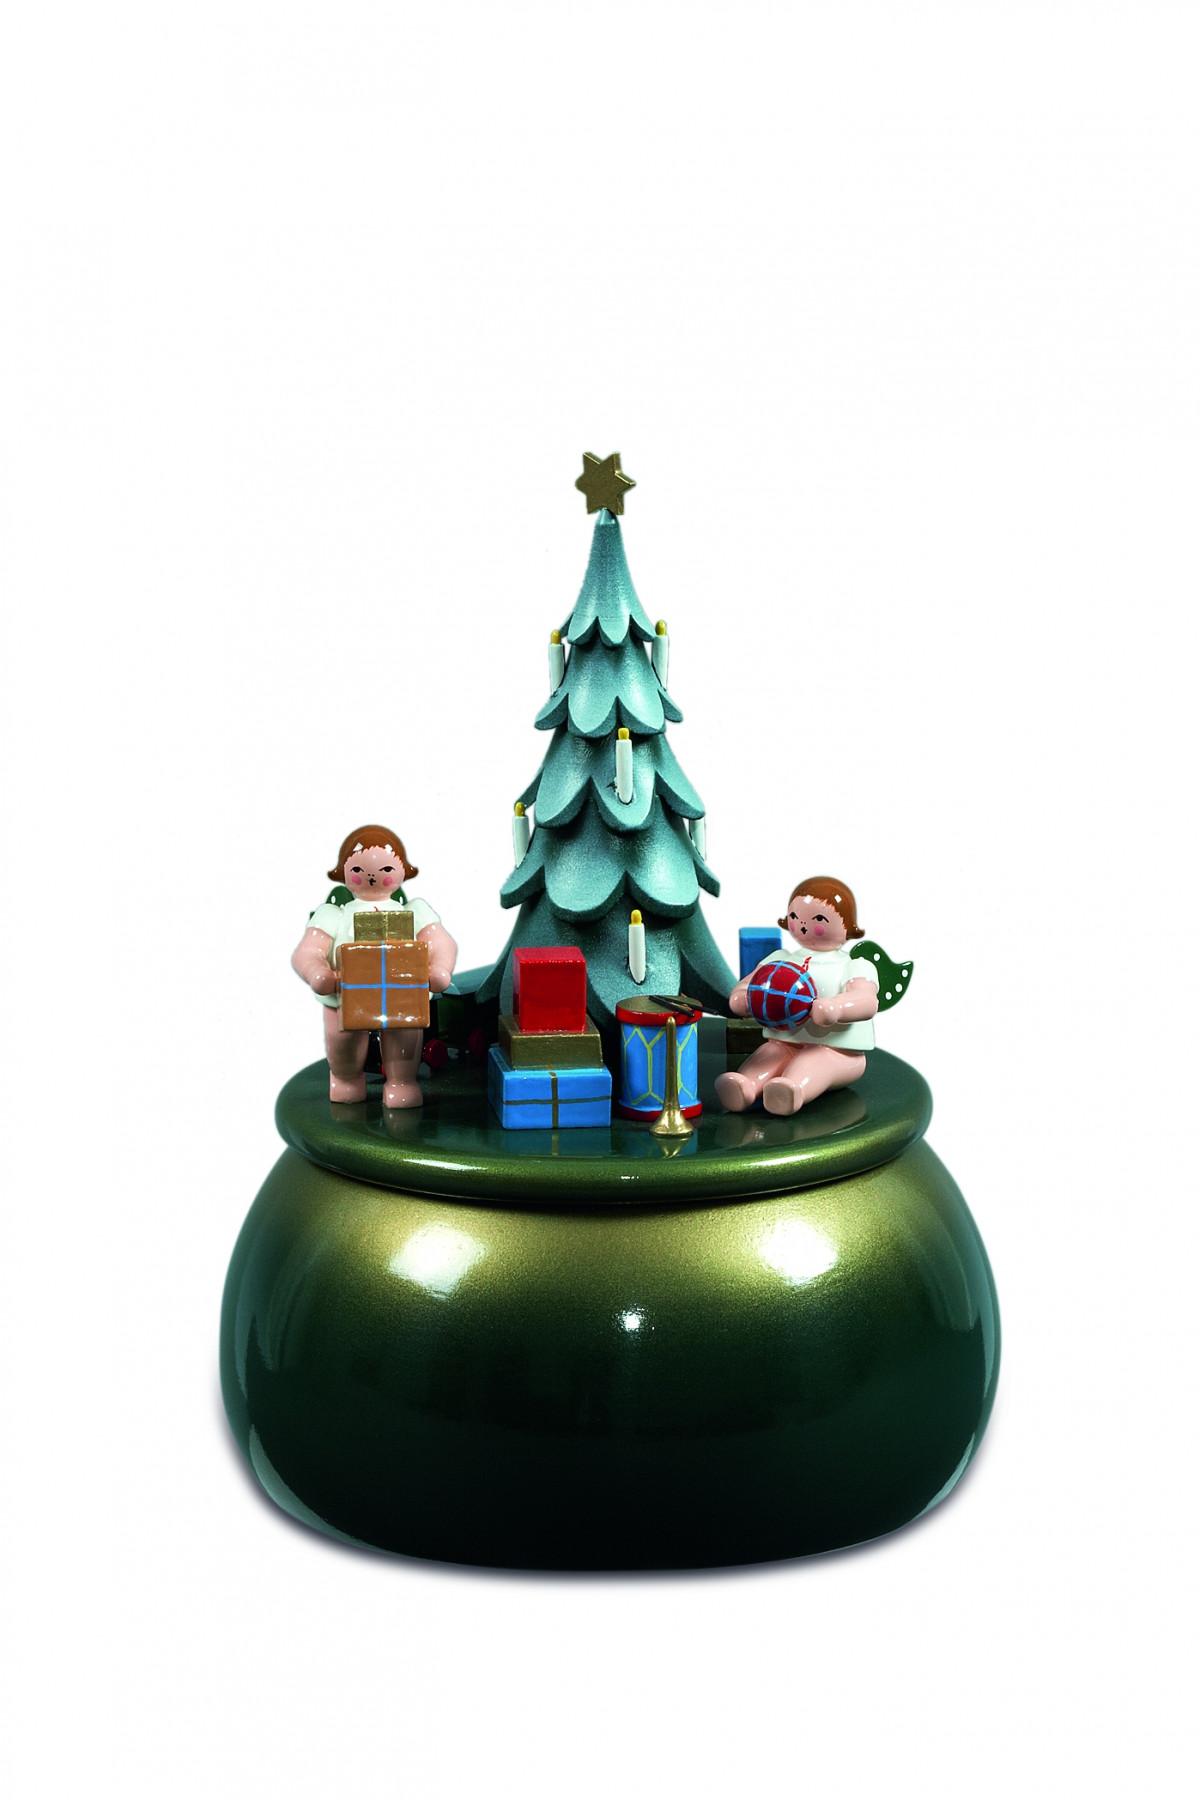 spieldose engel am weihnachtsbaum gr n gold. Black Bedroom Furniture Sets. Home Design Ideas